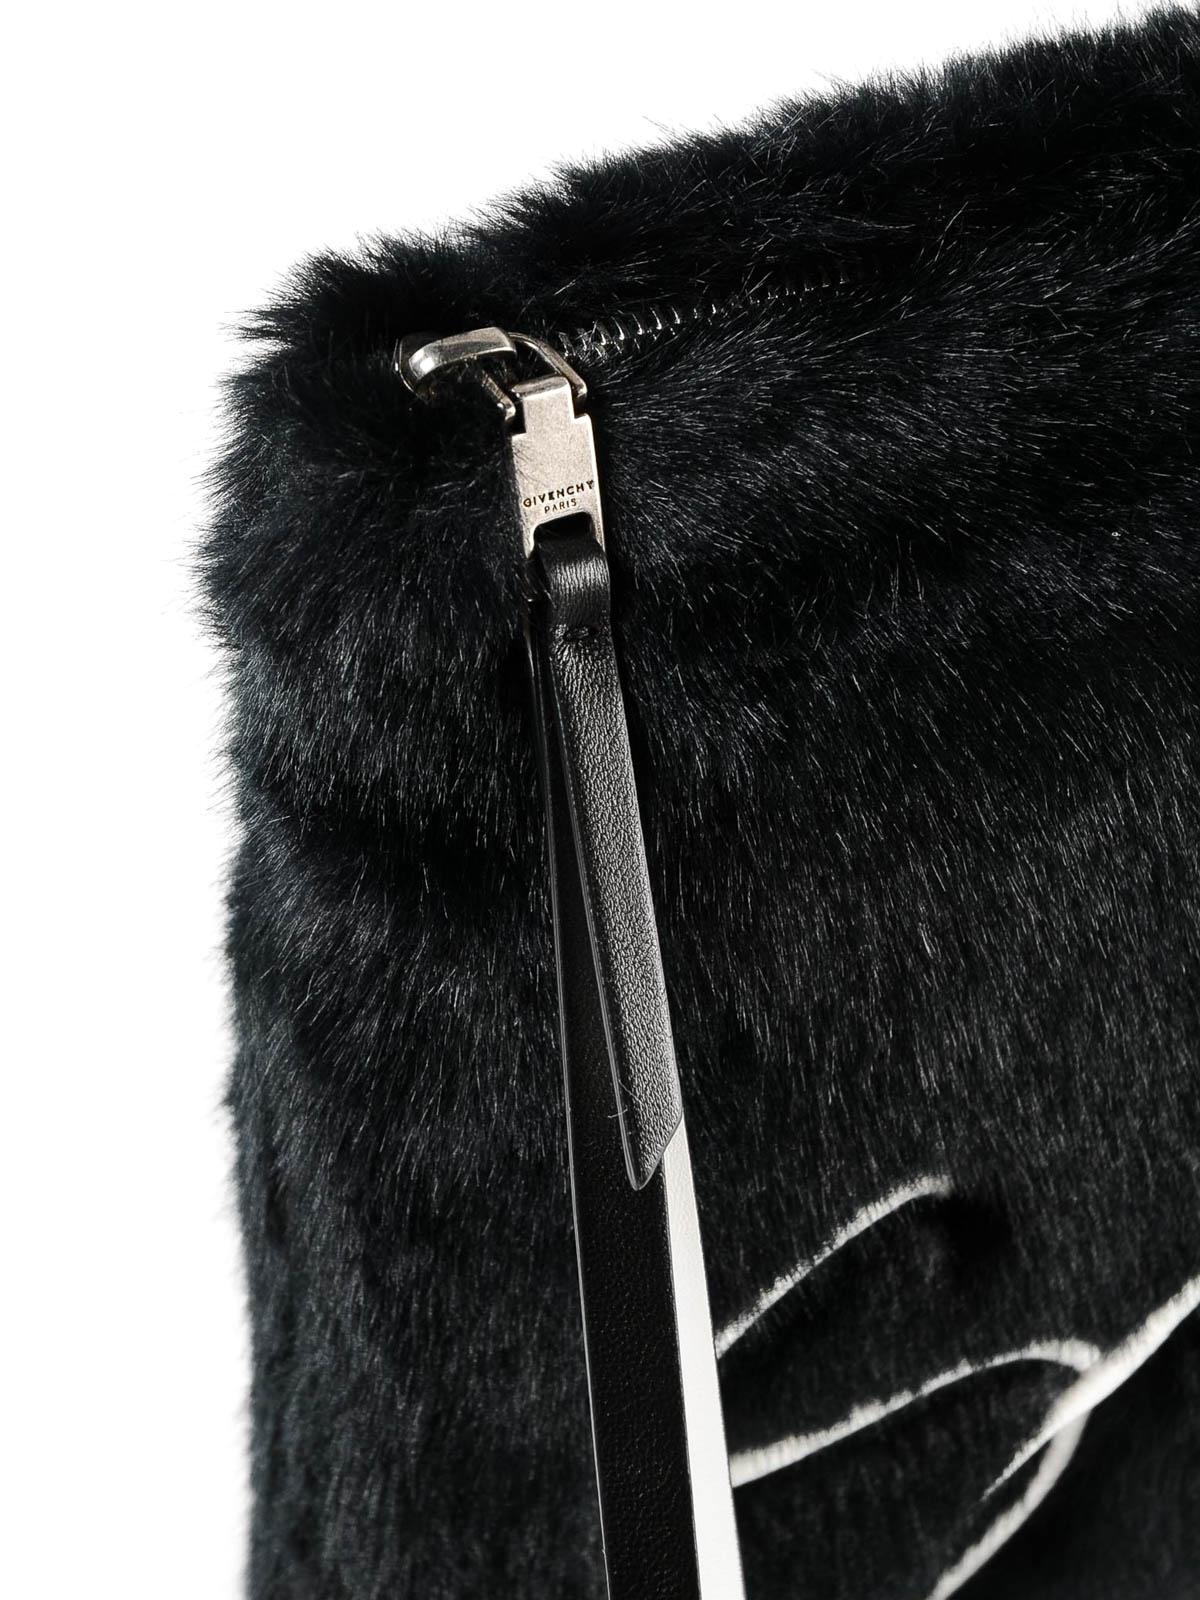 7c9c4e9977e2 Givenchy - Black faux fur clutch - clutches - BB6045B0AH 001